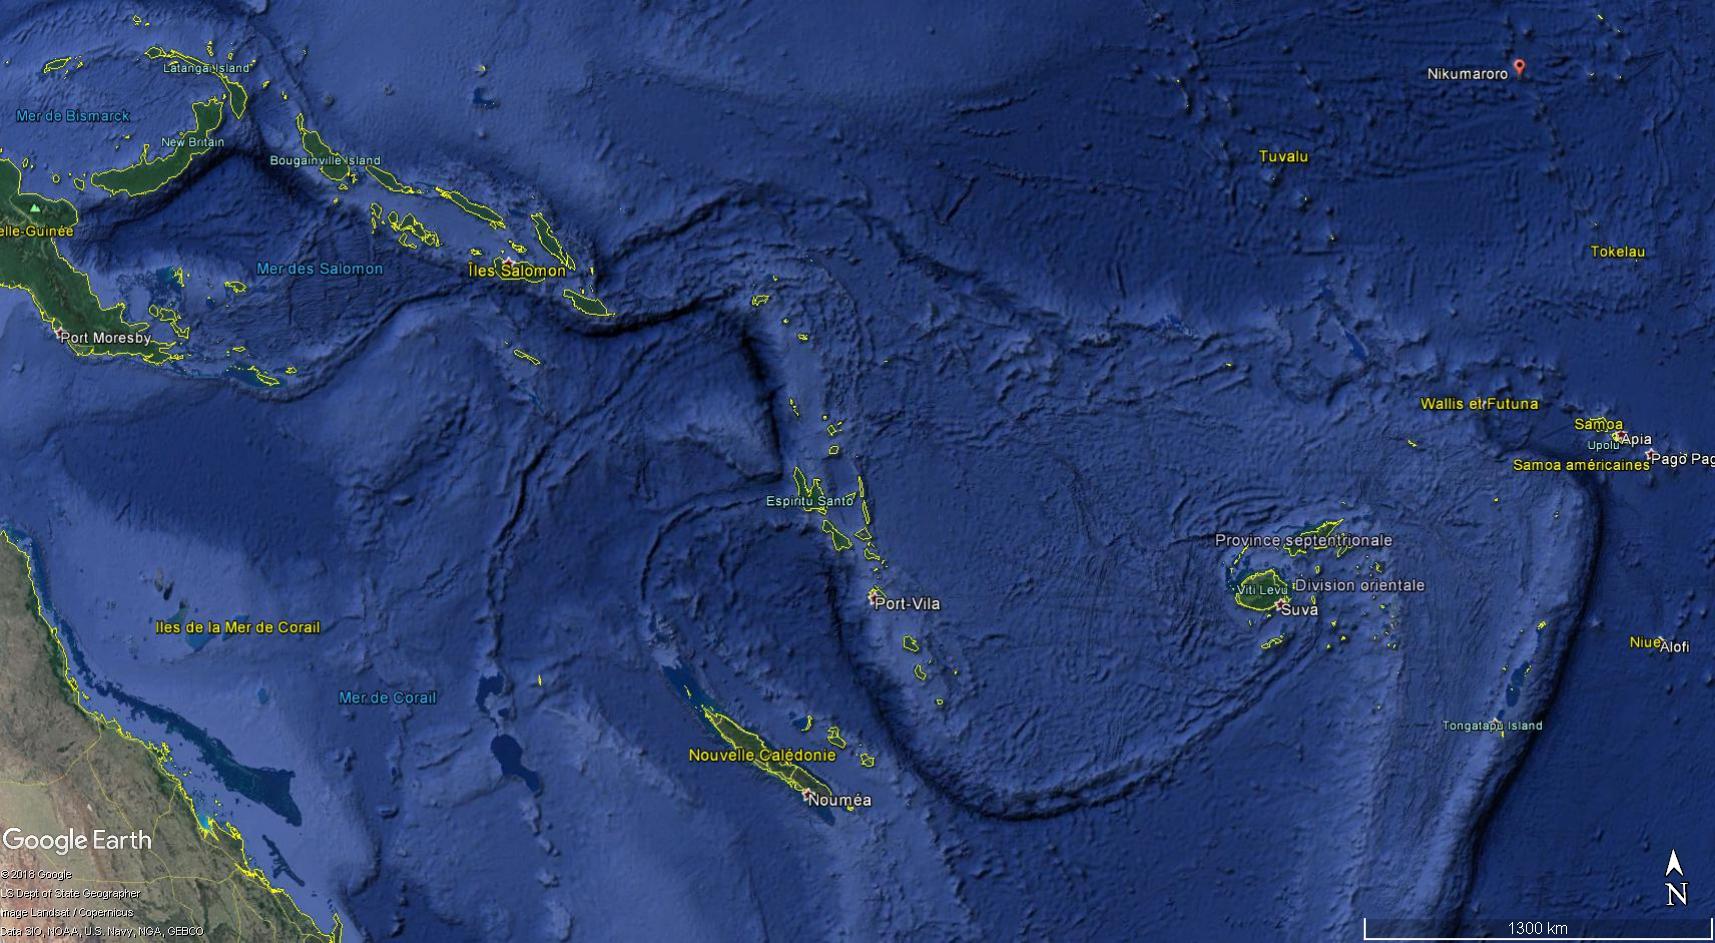 L'île Nikumaroro fait partie de l'archipel des Kiribati, dans l'océan Pacifique. ©Google Earth